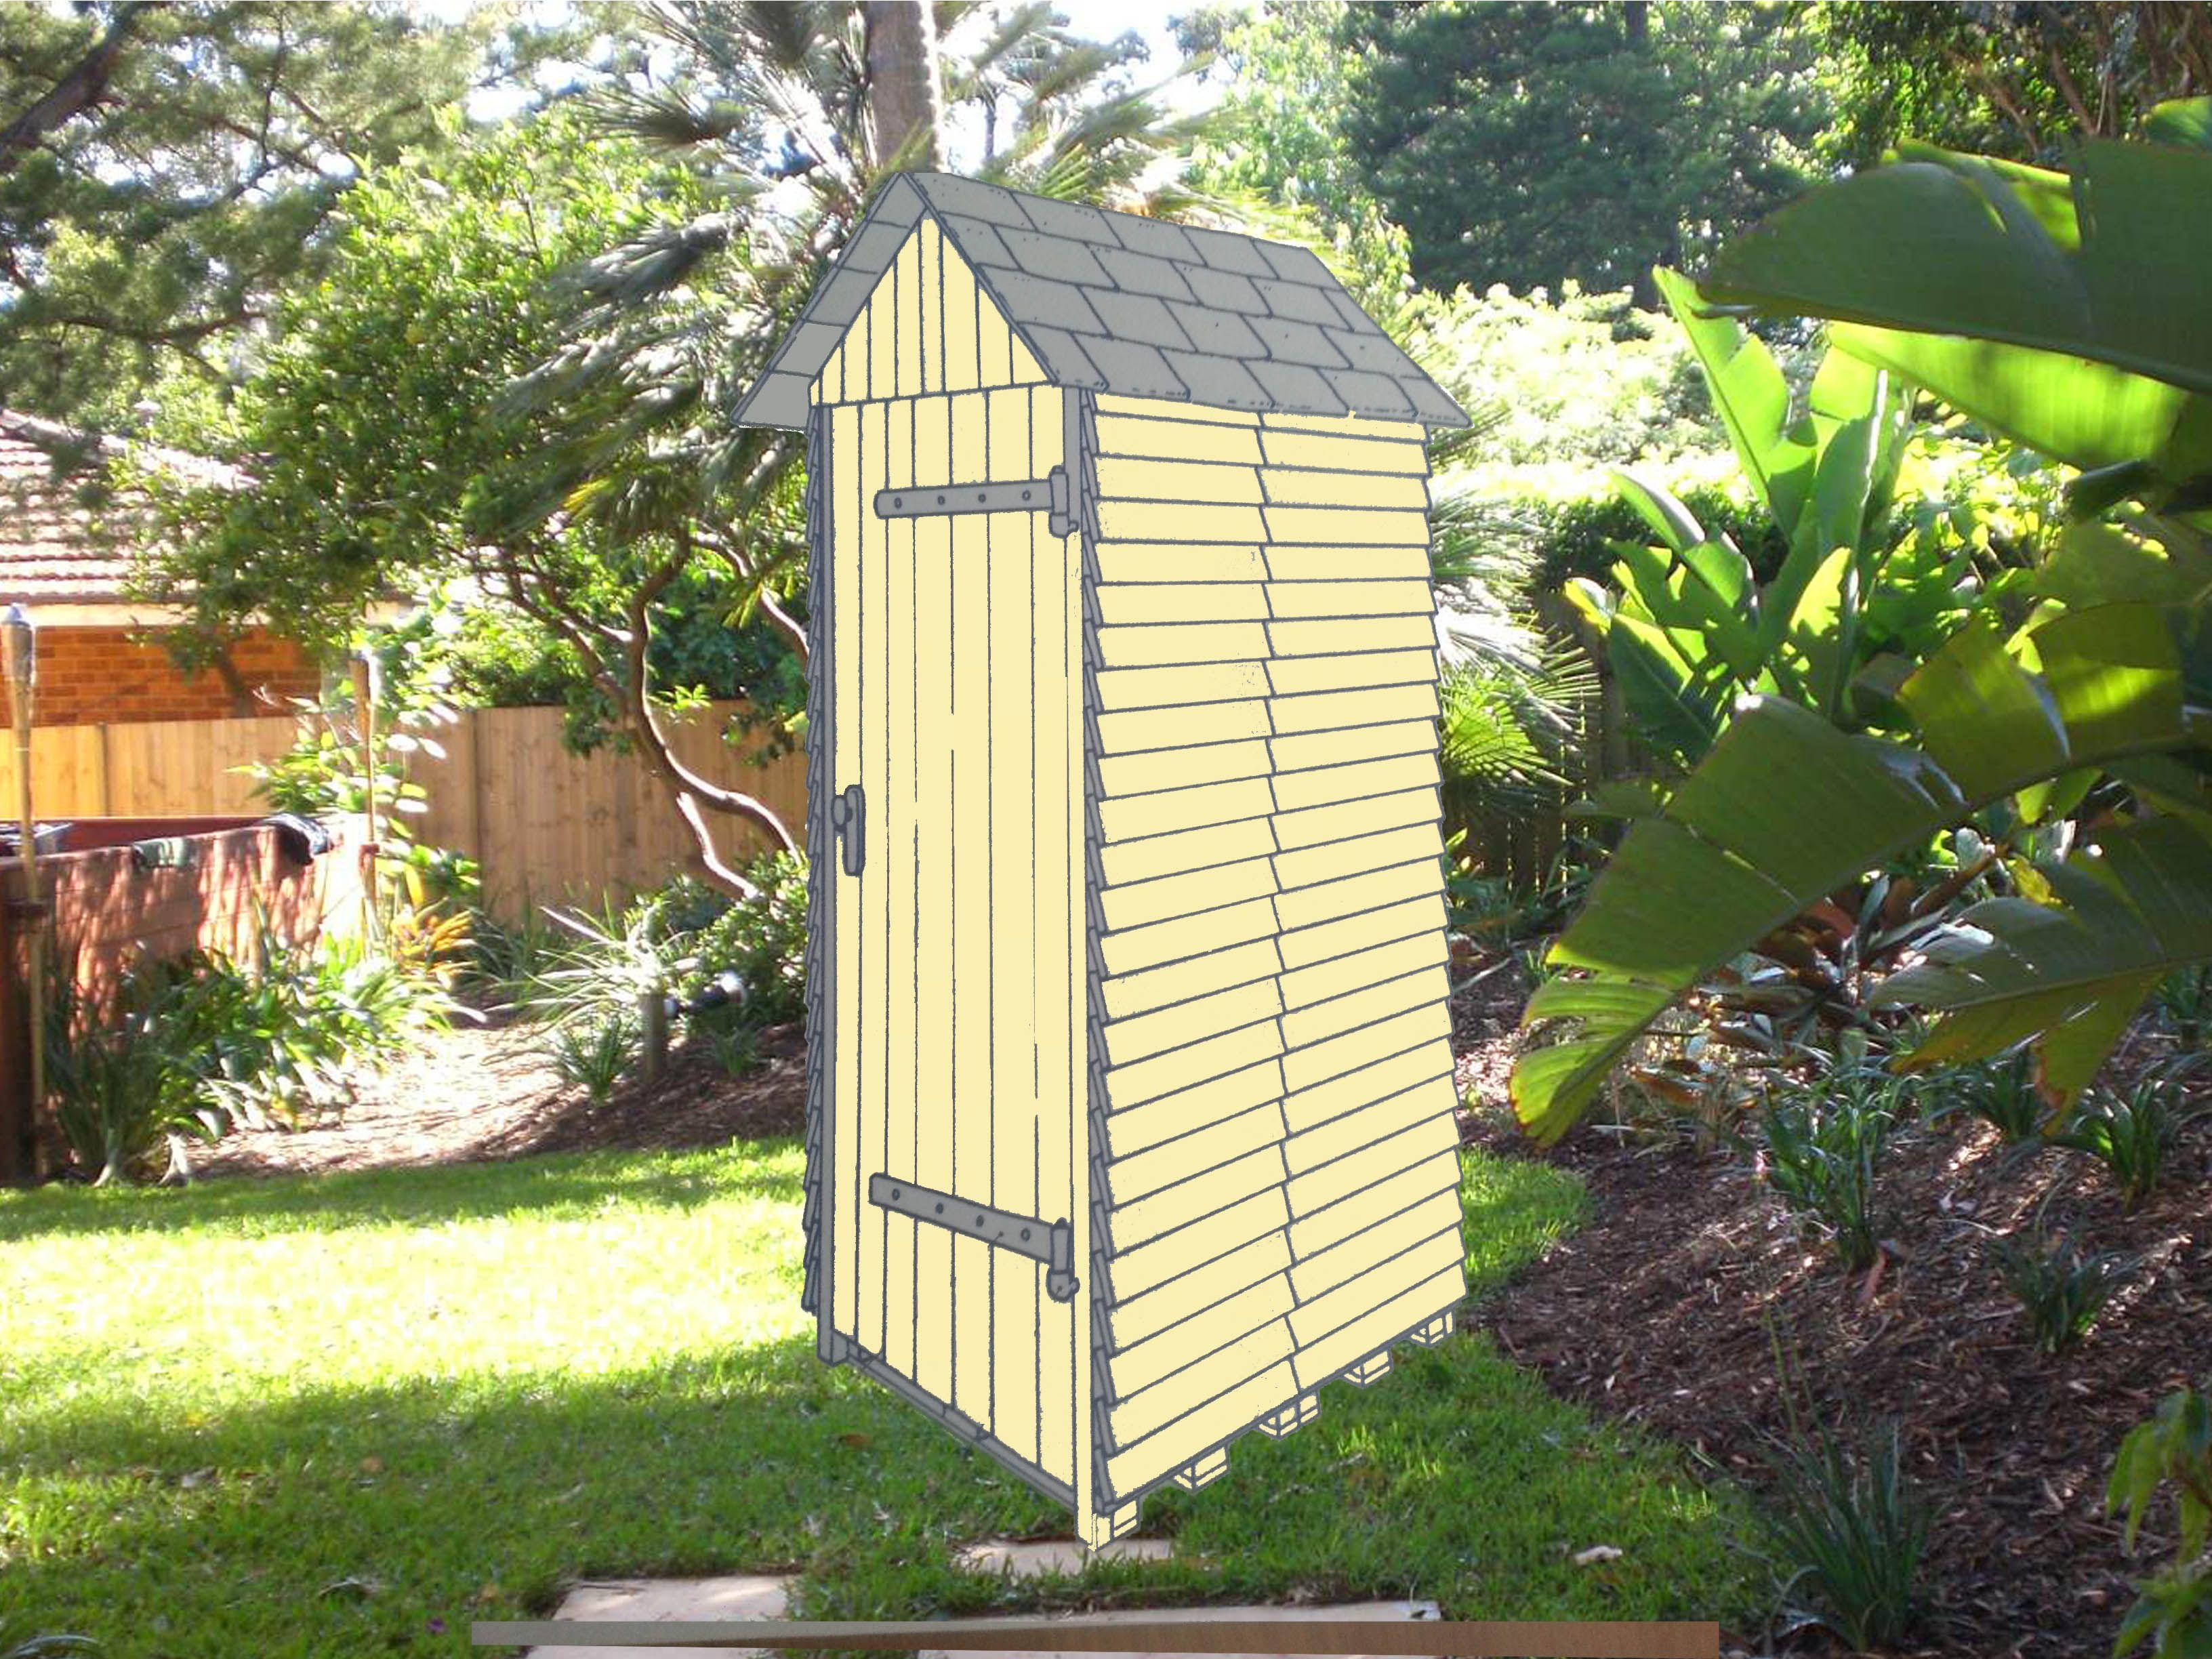 Construire Un Abri De Jardin En Bois Pas Cher | Abri De Jardin intérieur Cabanon En Bois Pas Cher